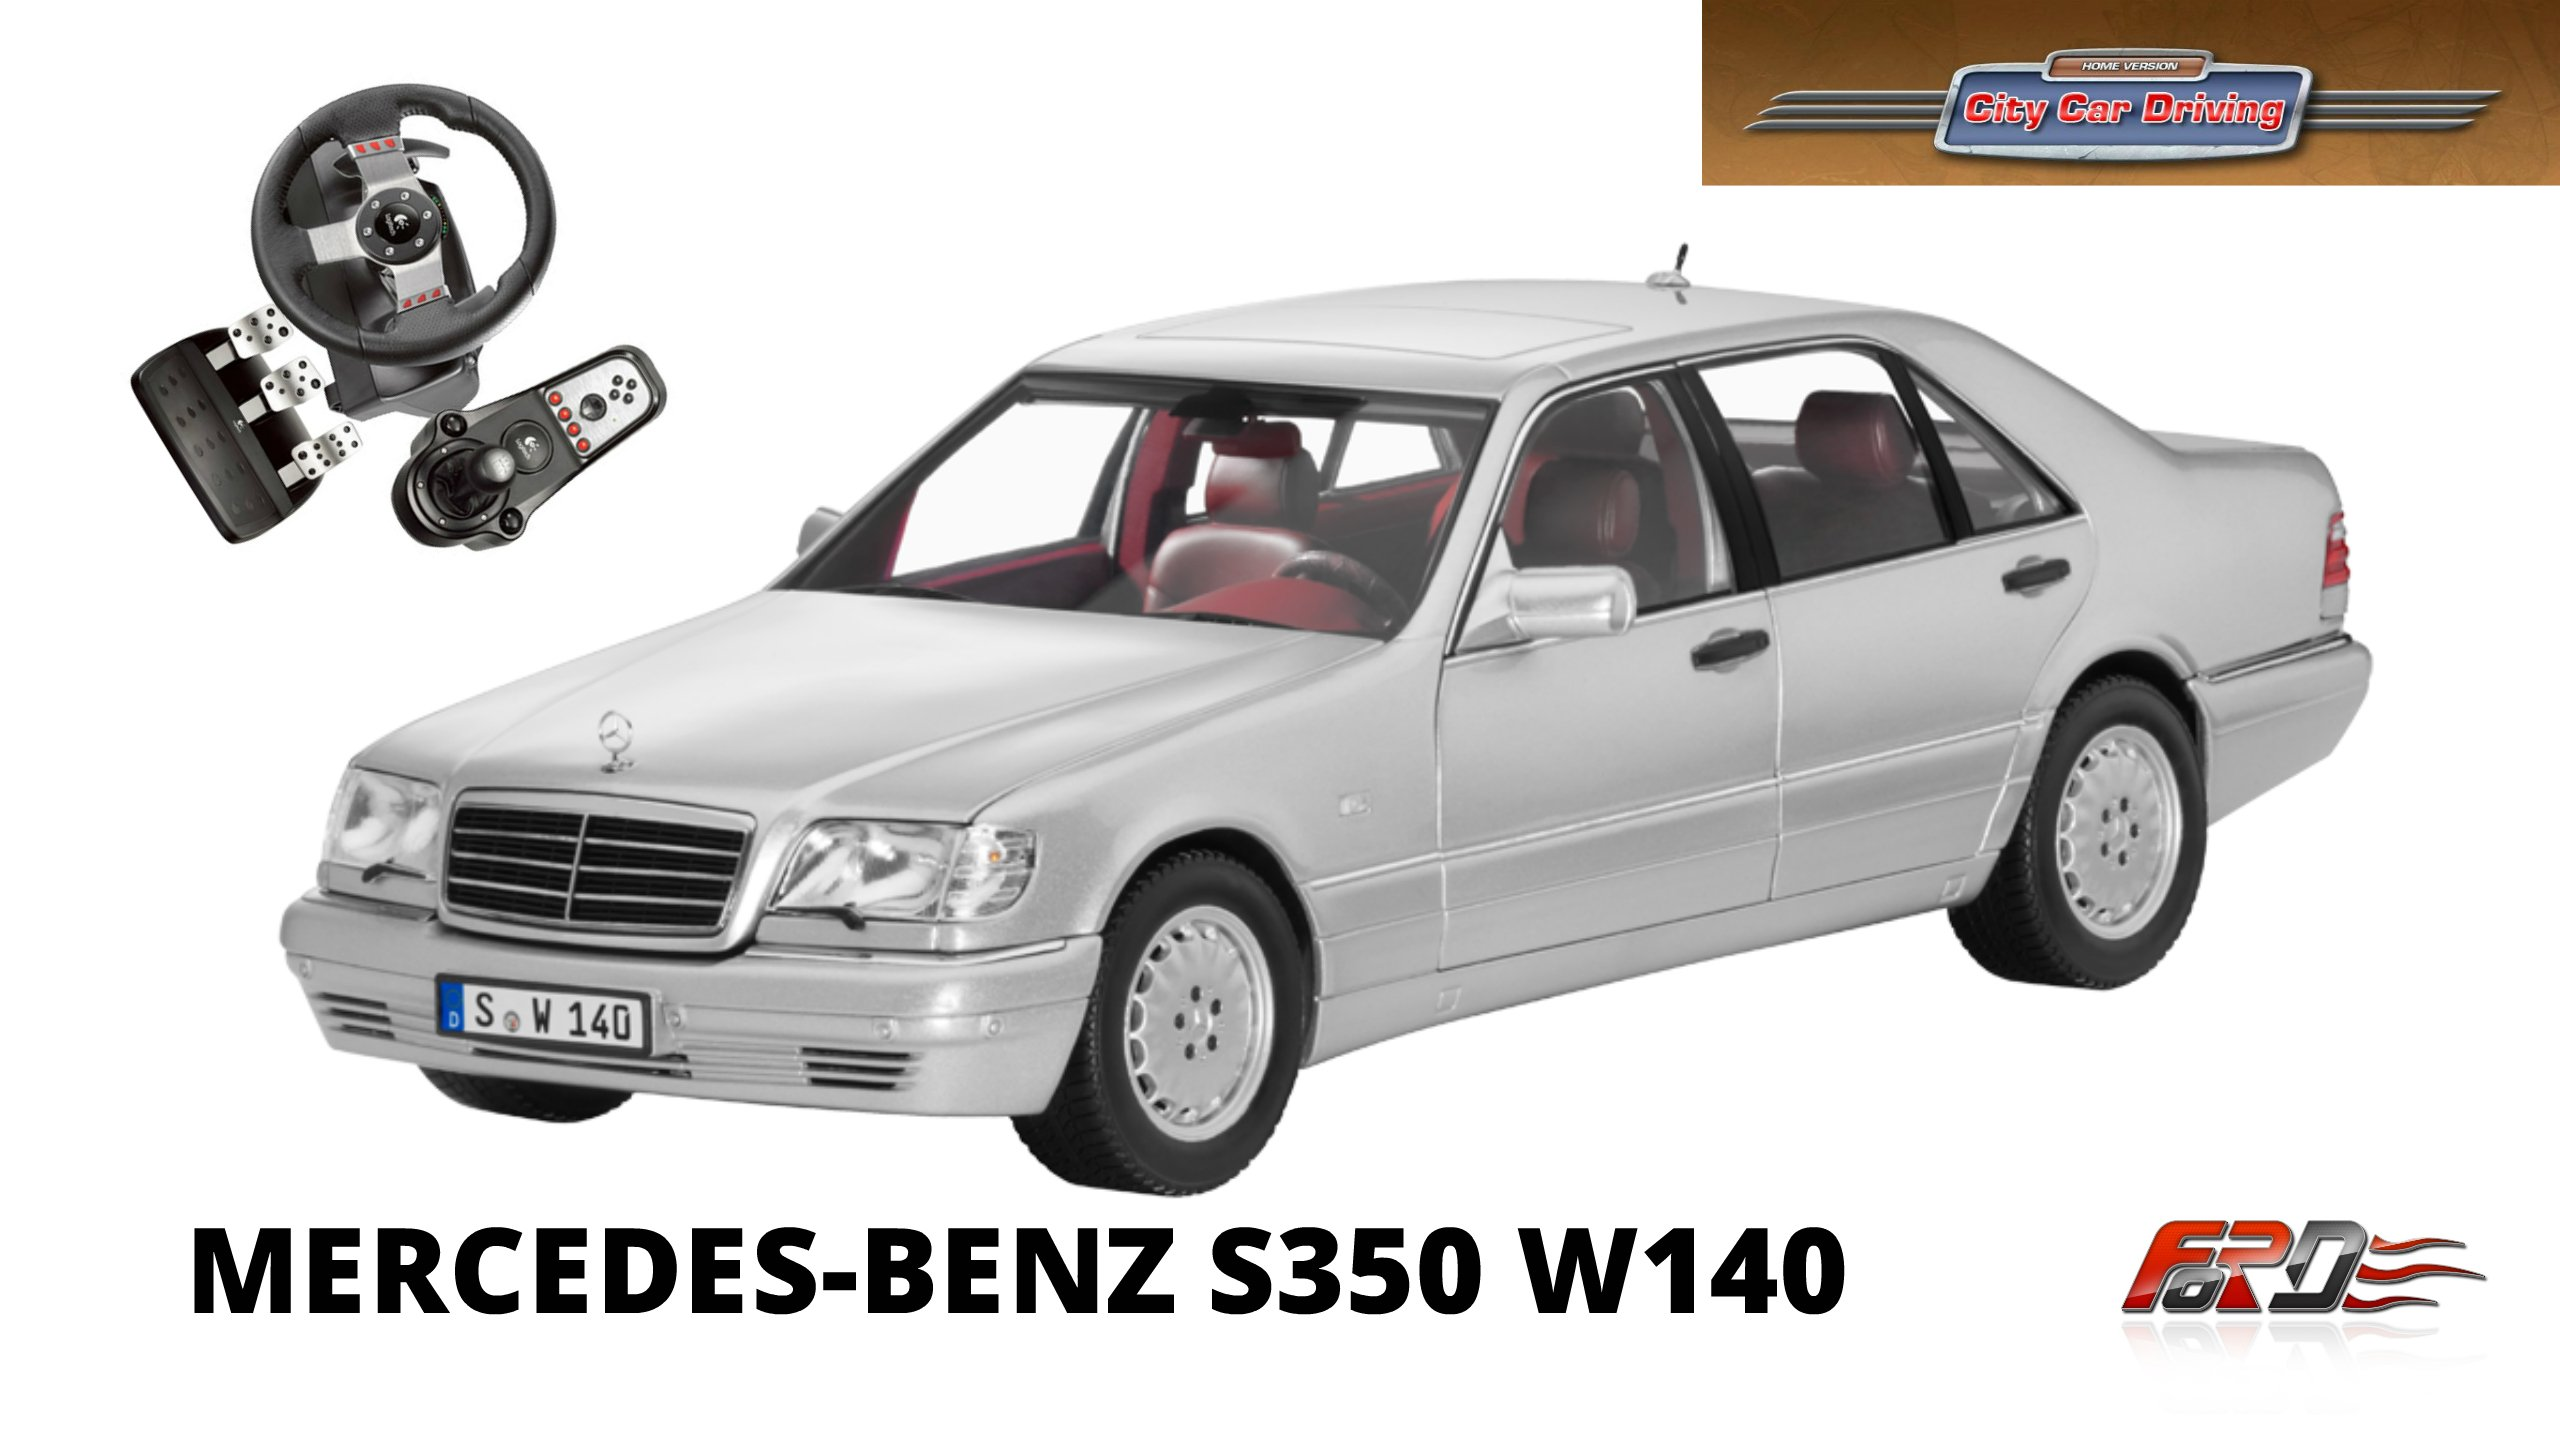 Mercedes-Benz S350 W140 тест-драйв, обзор легендарные автомобили девяностых City Car Driving. - Изображение 1